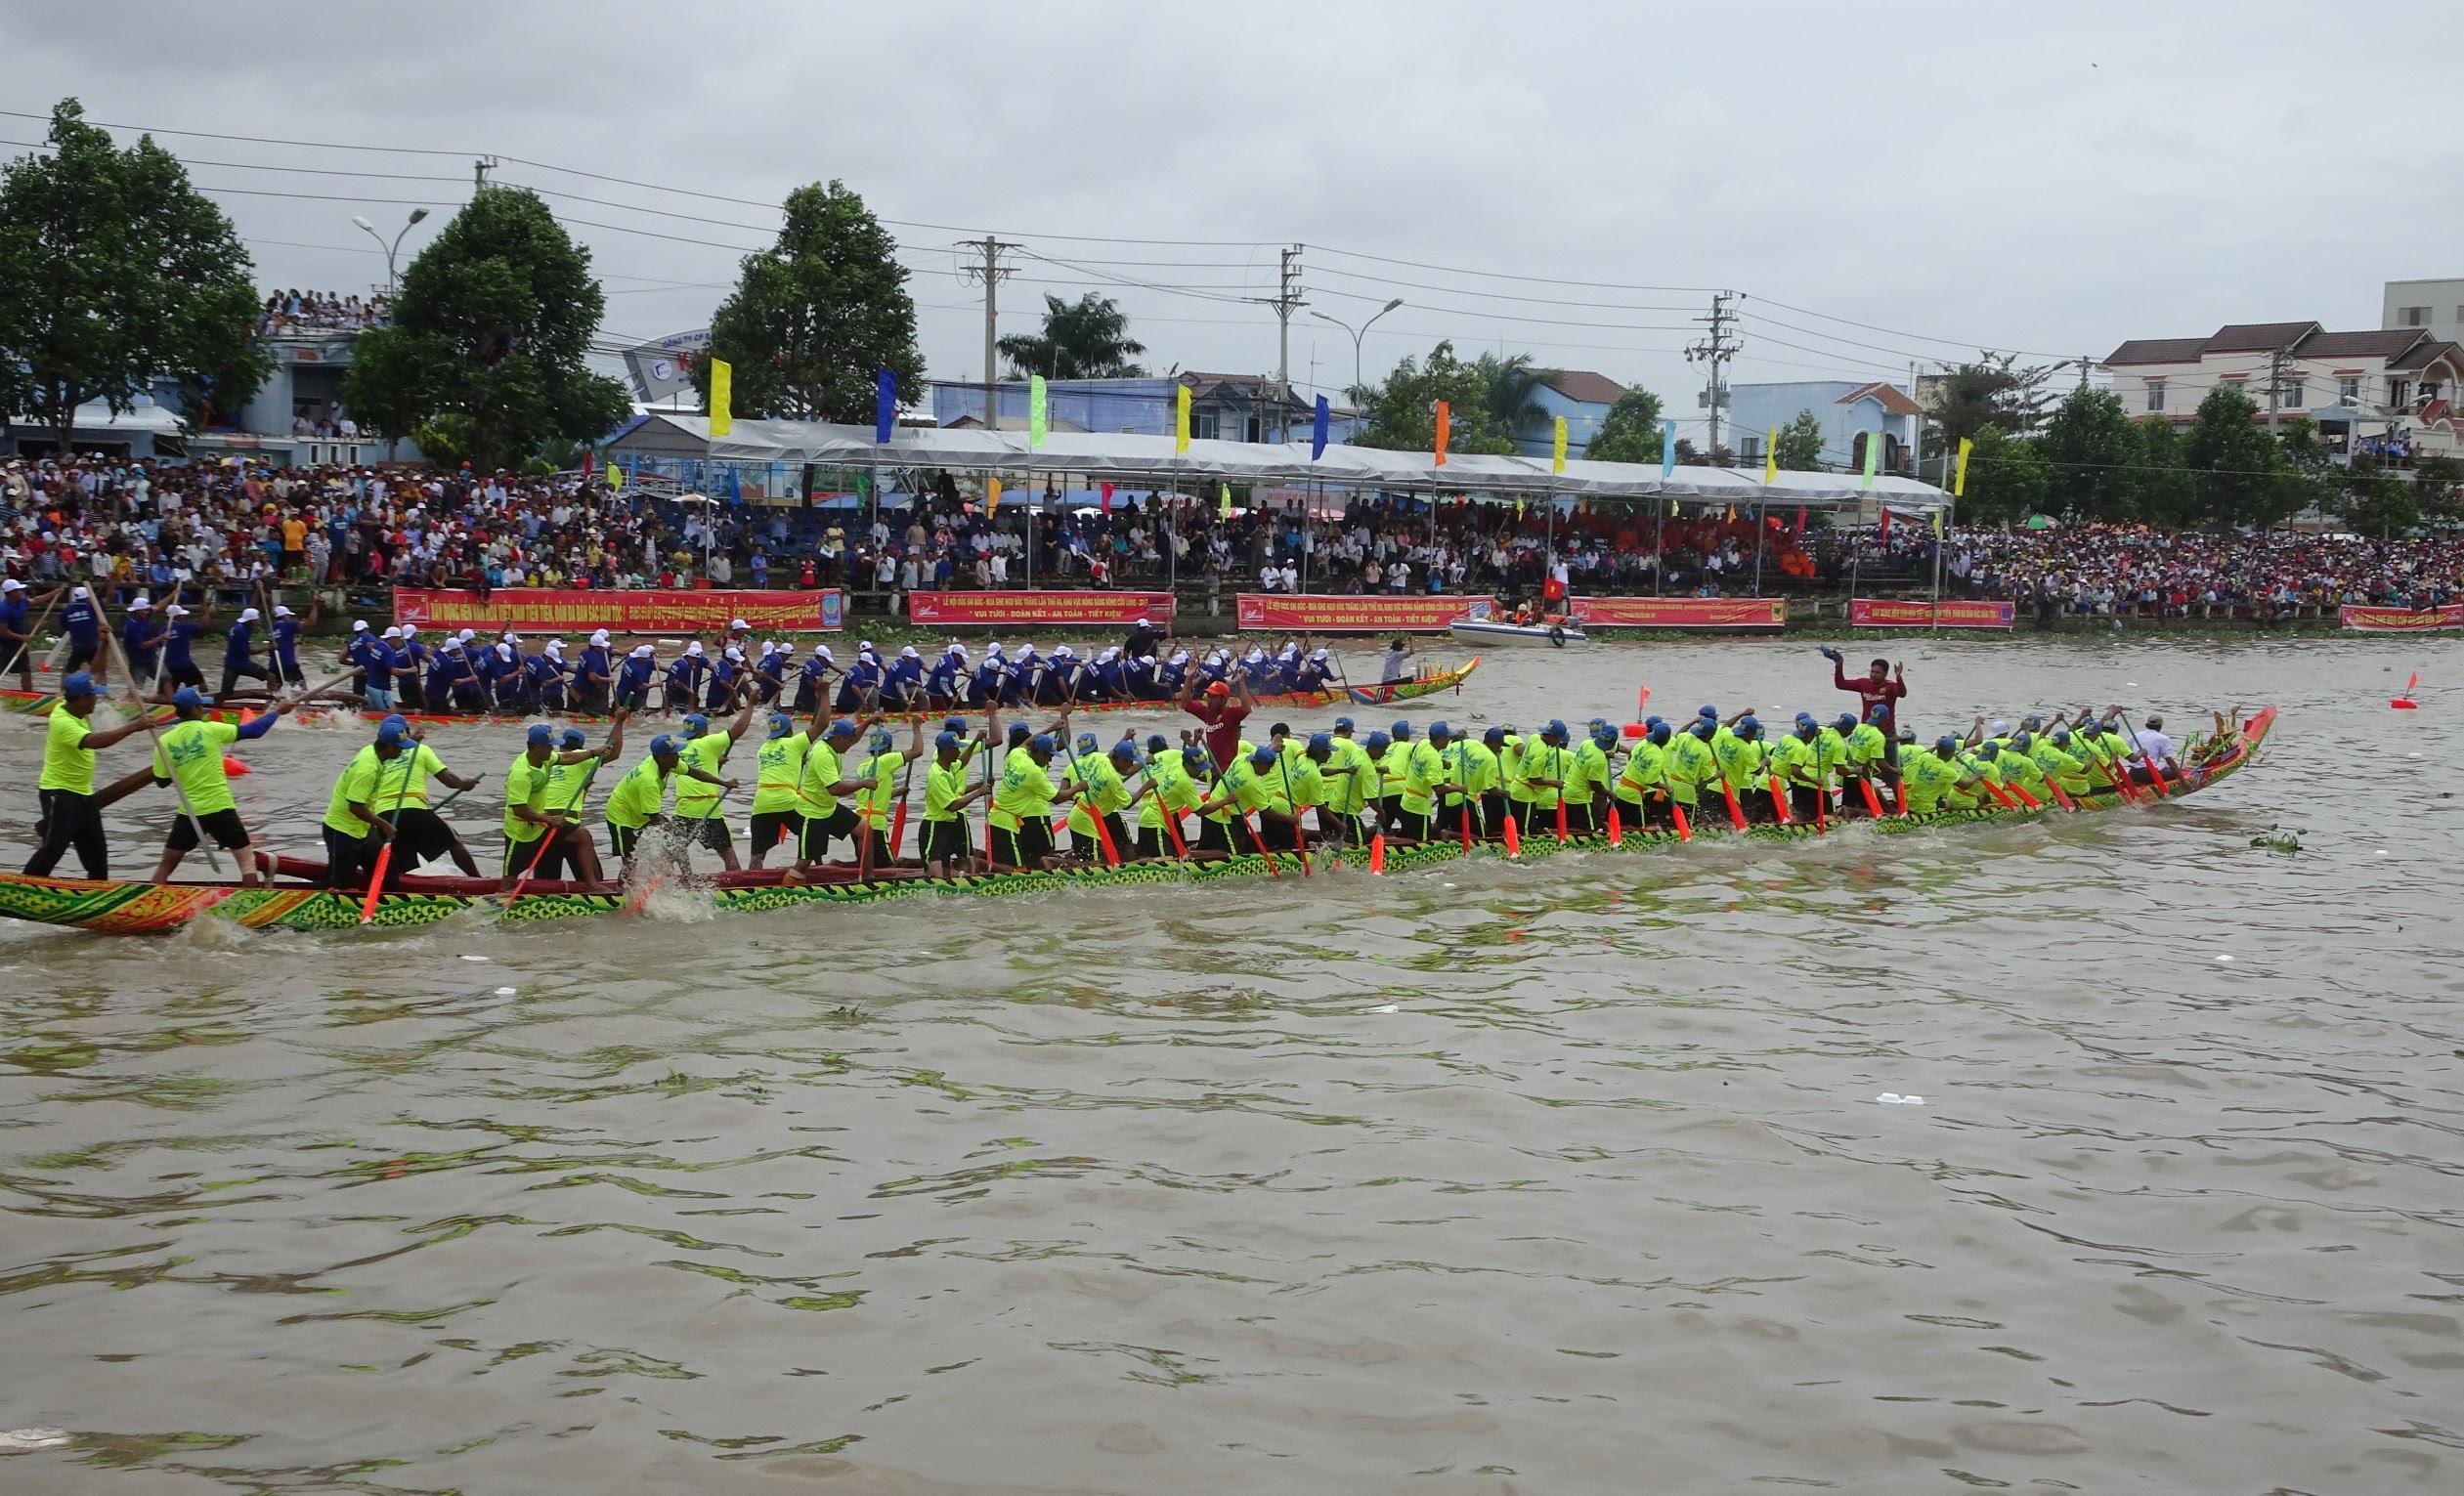 Đến Trà Vinh vào dịp lễ hội của đồng bào Khmer, ngoài tham quan Bảo tàng, du khách còn được thưởng thức những màn đua ghe ngo sôi nổi